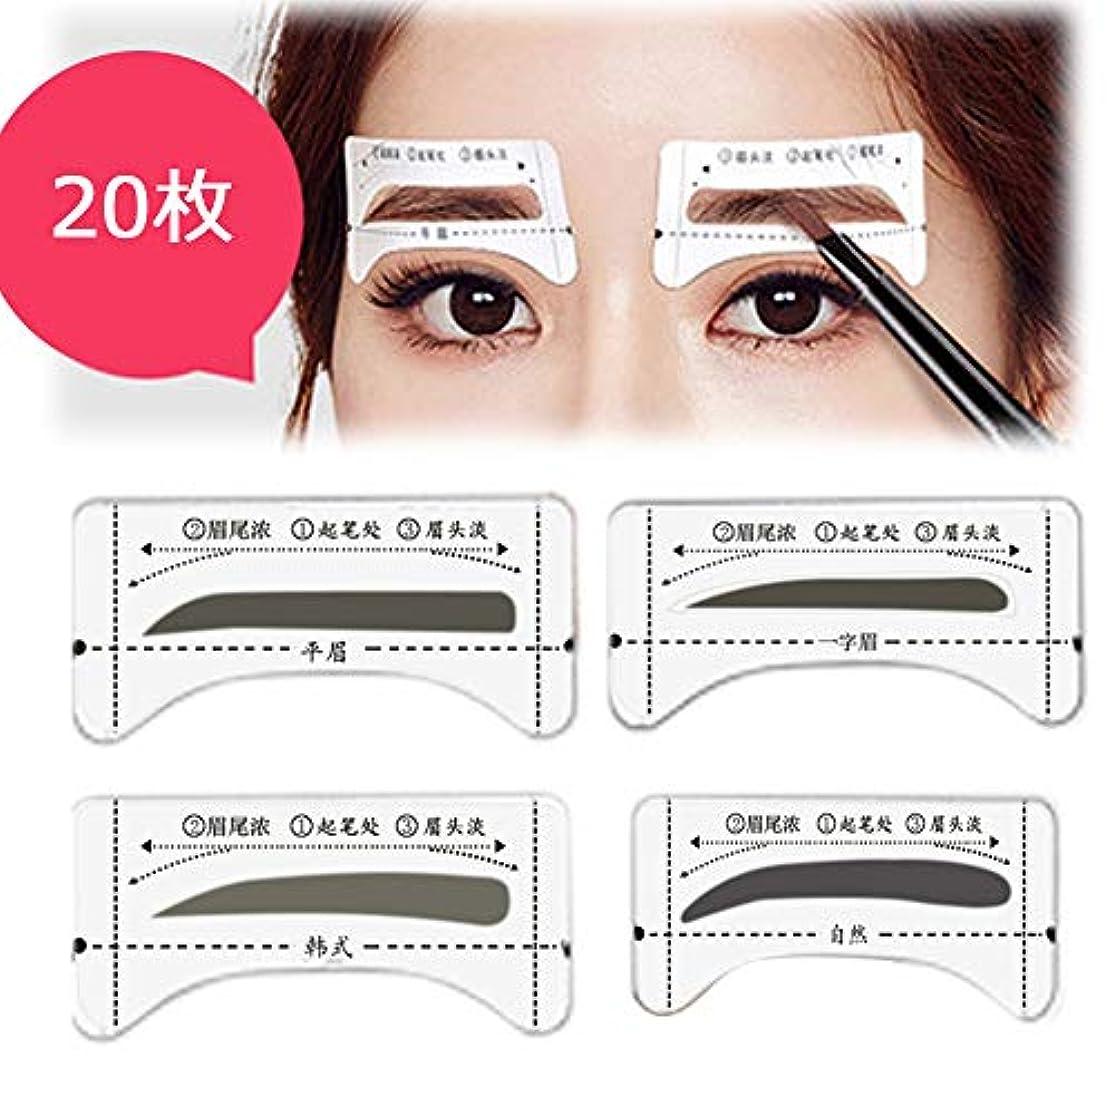 平らにするバックグラウンド世紀眉テンプレート 眉毛 4種20枚(韓国風、一言眉、自然、平らな眉毛)片手使用する